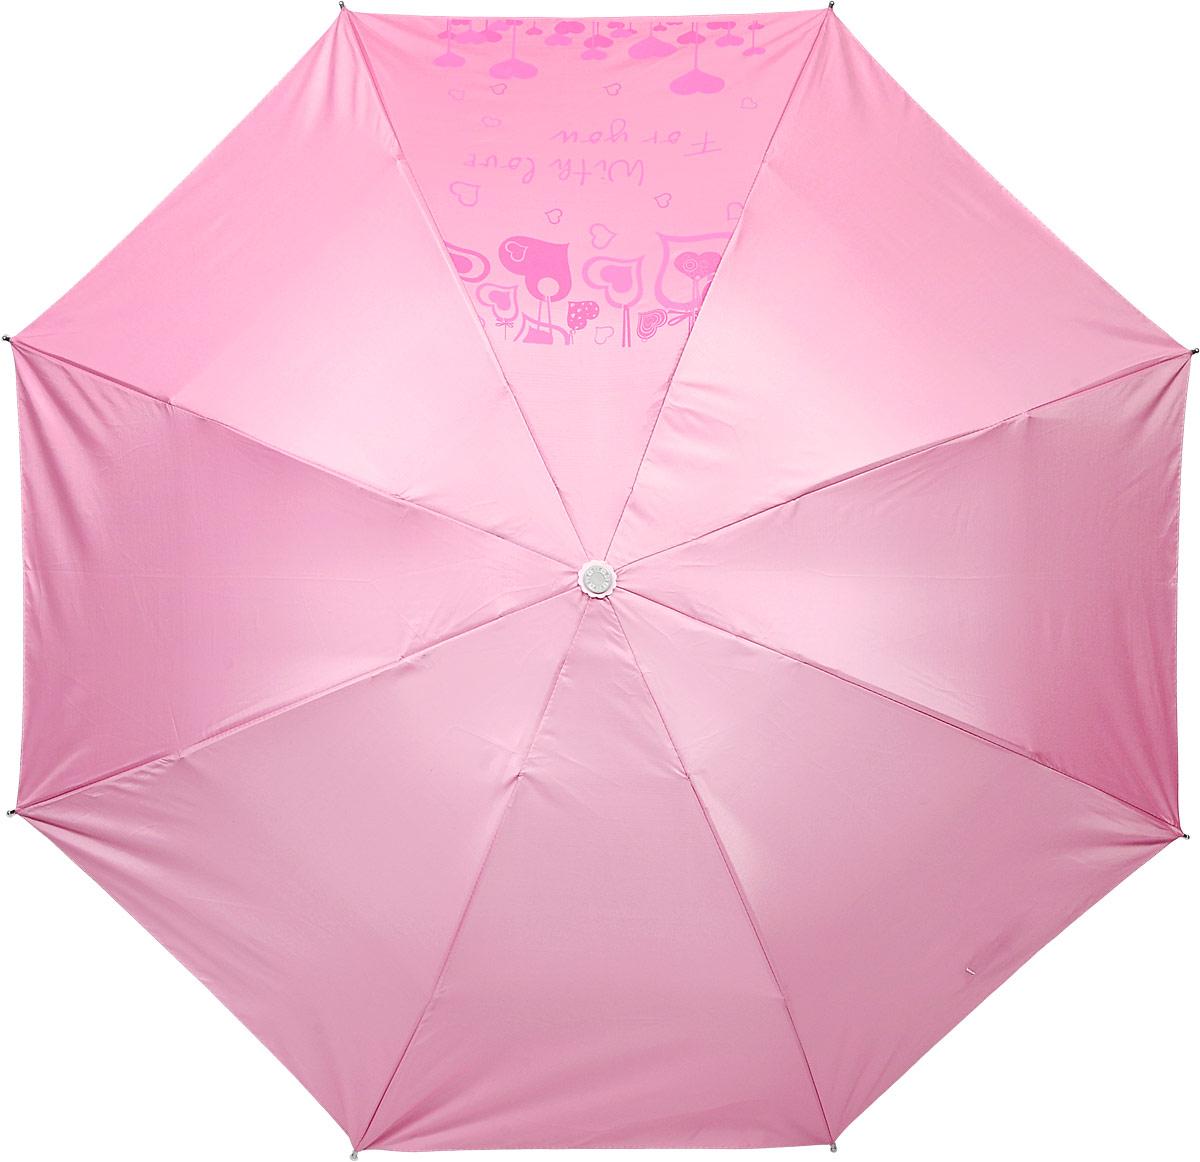 Зонт женский Эврика, механика, 2 сложения, цвет: розовый, серебристый. 91542Бусы-ниткаОригинальный зонт Эврика оформлен оригинальным принтом. Изделие состоит извосьми спиц и стержня, изготовленных из металла. Купол выполнен из высококачественного ПВХ, который не пропускает воду. Зонт дополнен удобной ручкой из пластика.Зонт имеет механический способ сложения: и купол, и стержень открываются вручную до характерного щелчка. br> К зонту прилагается пластиковый чехол в виде бутылки. Благодаря своему небольшому размеру, зонт легко пометится в сумку.